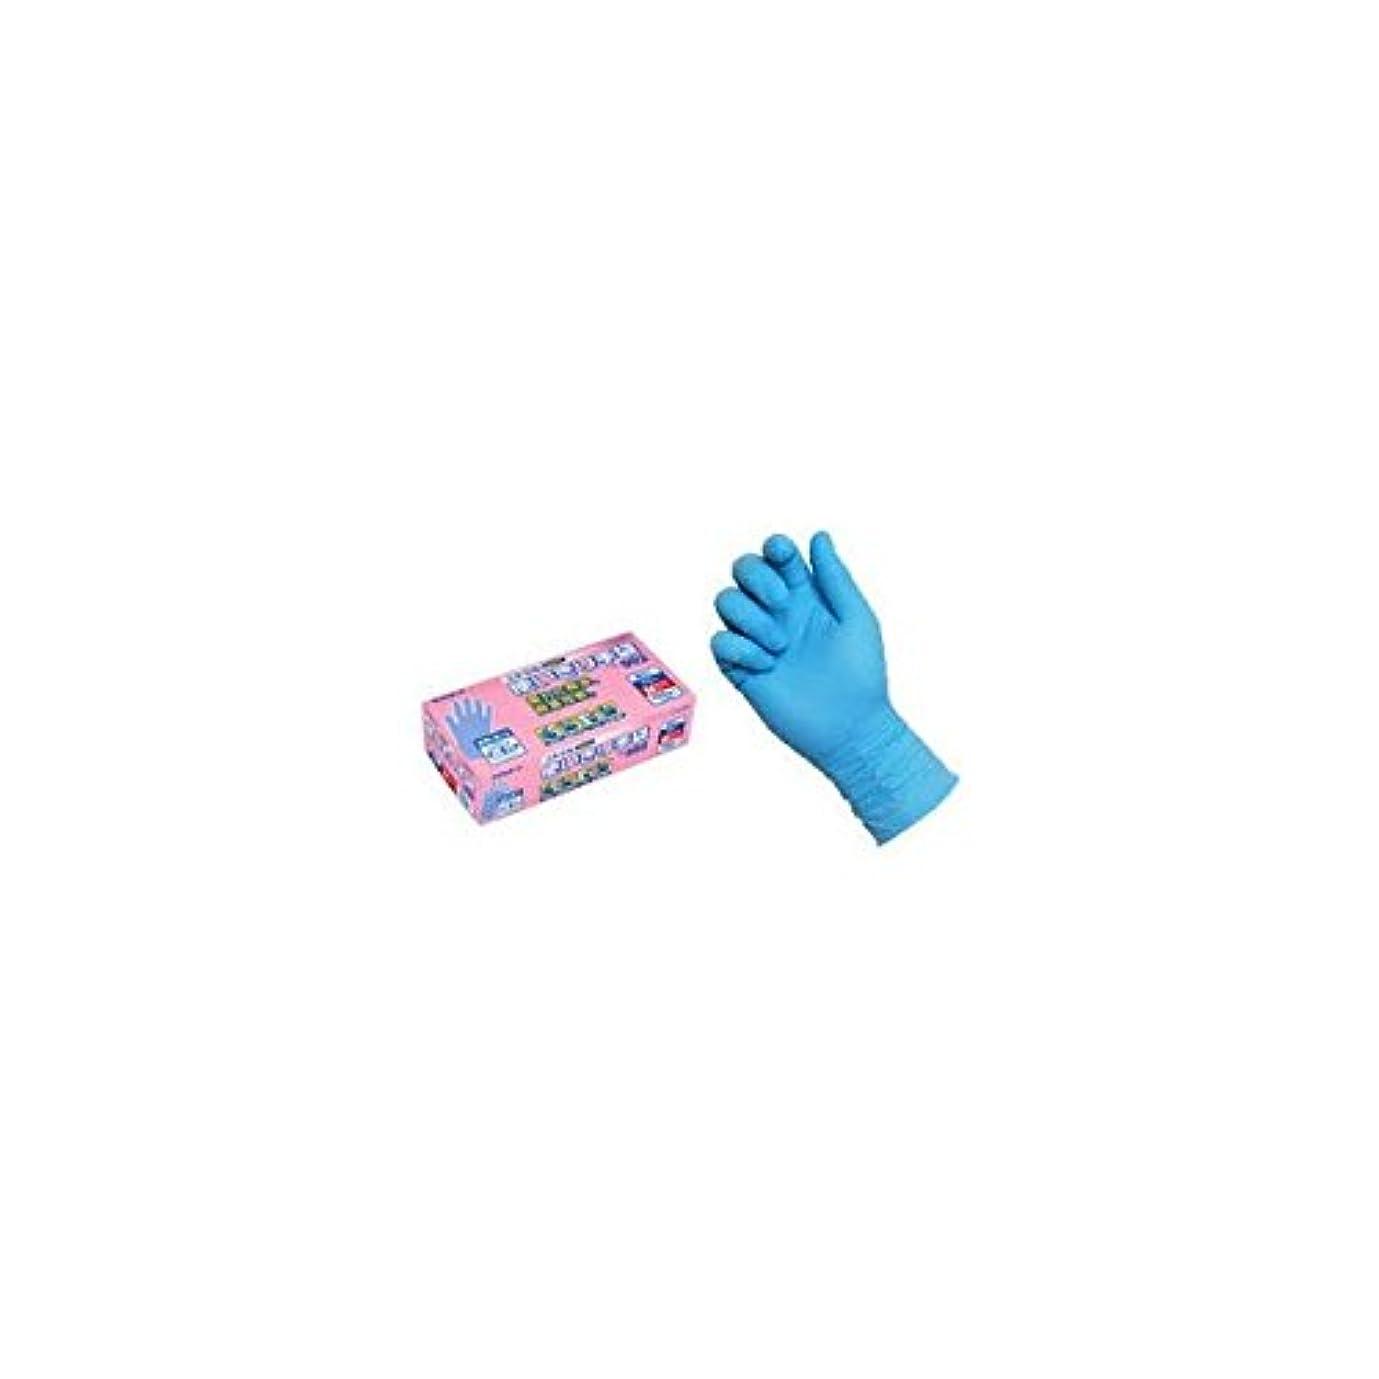 債務形容詞抵当ニトリル使いきり手袋 PF NO.992 L ブルー エステー 【商品CD】ST4786